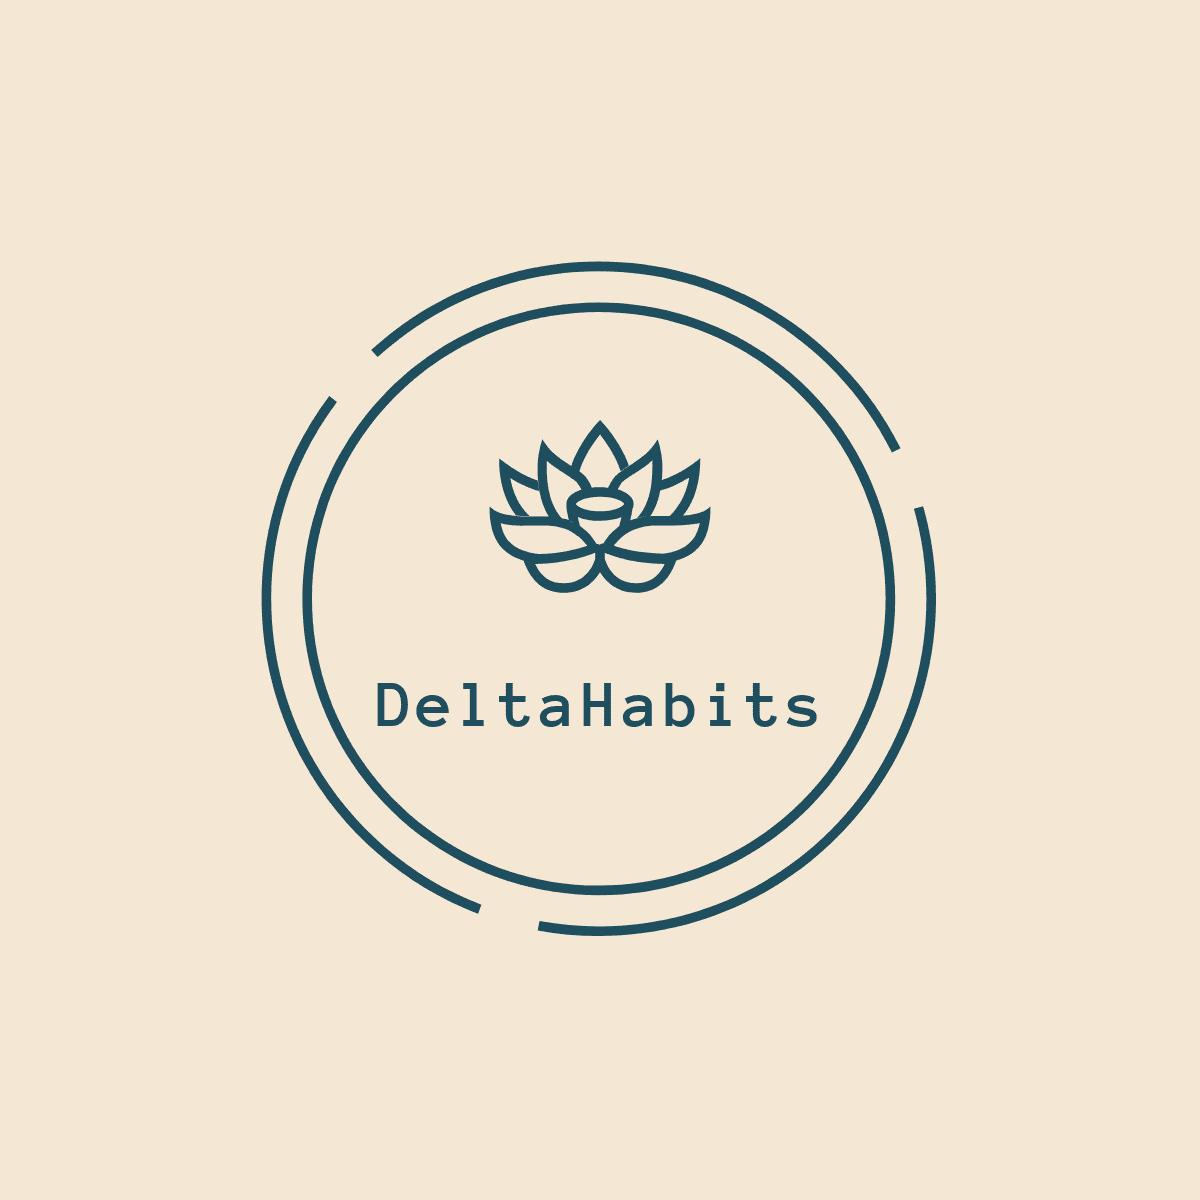 DeltaHabits